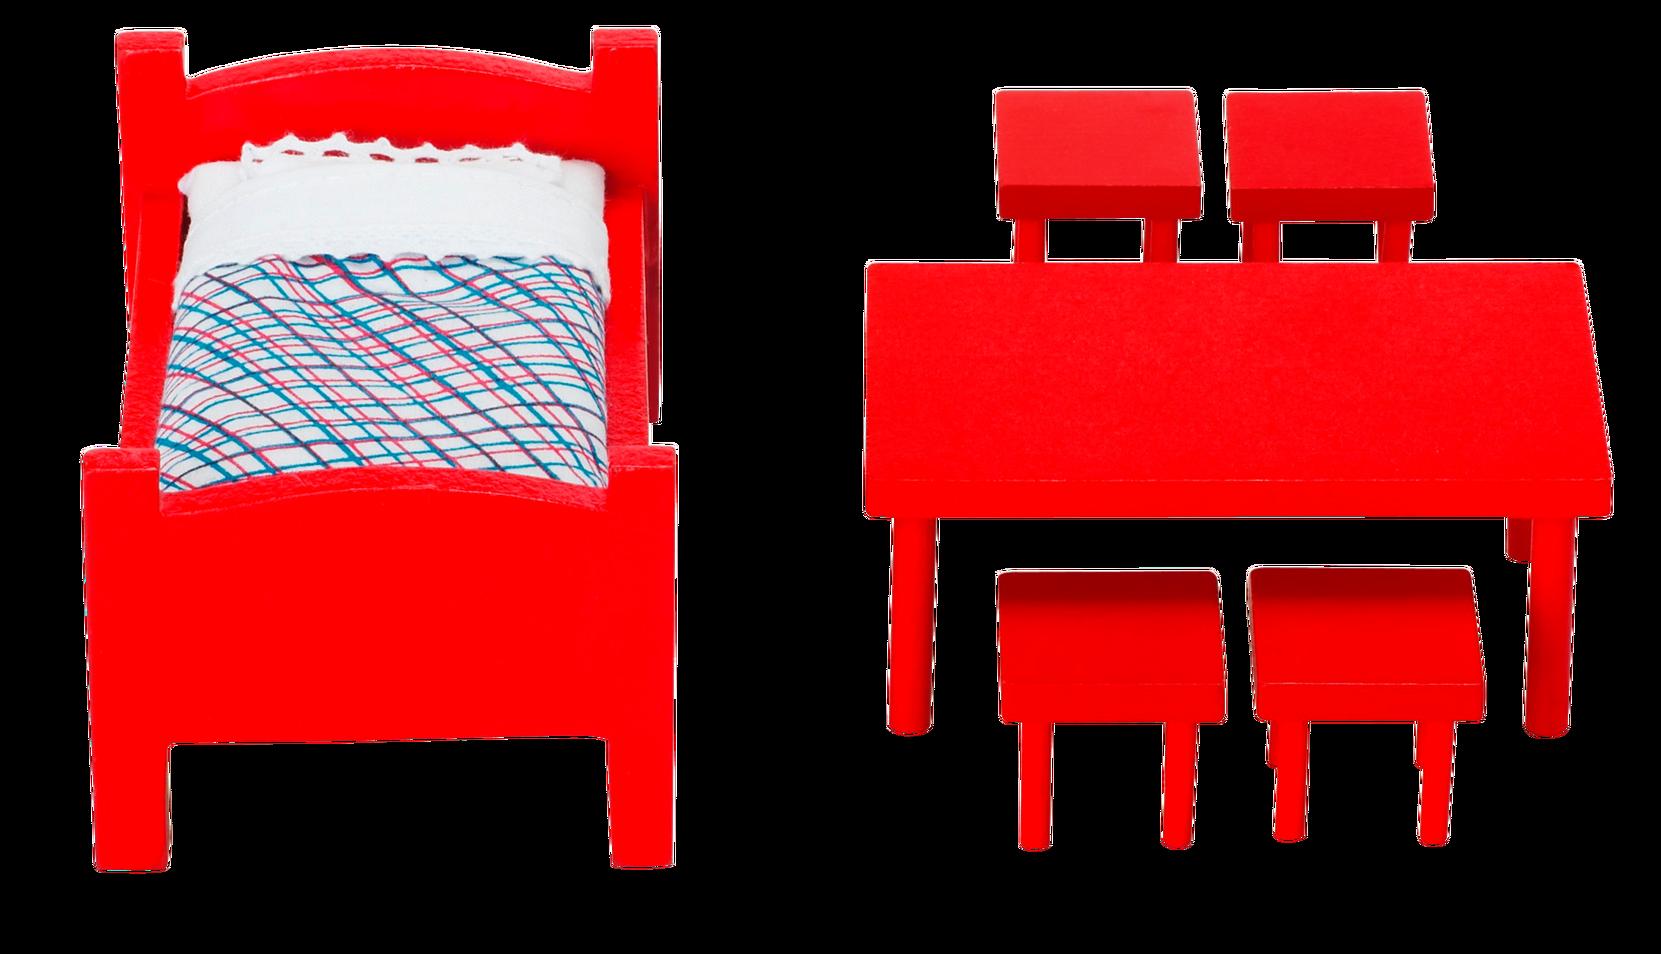 Huvikummun huonekalut